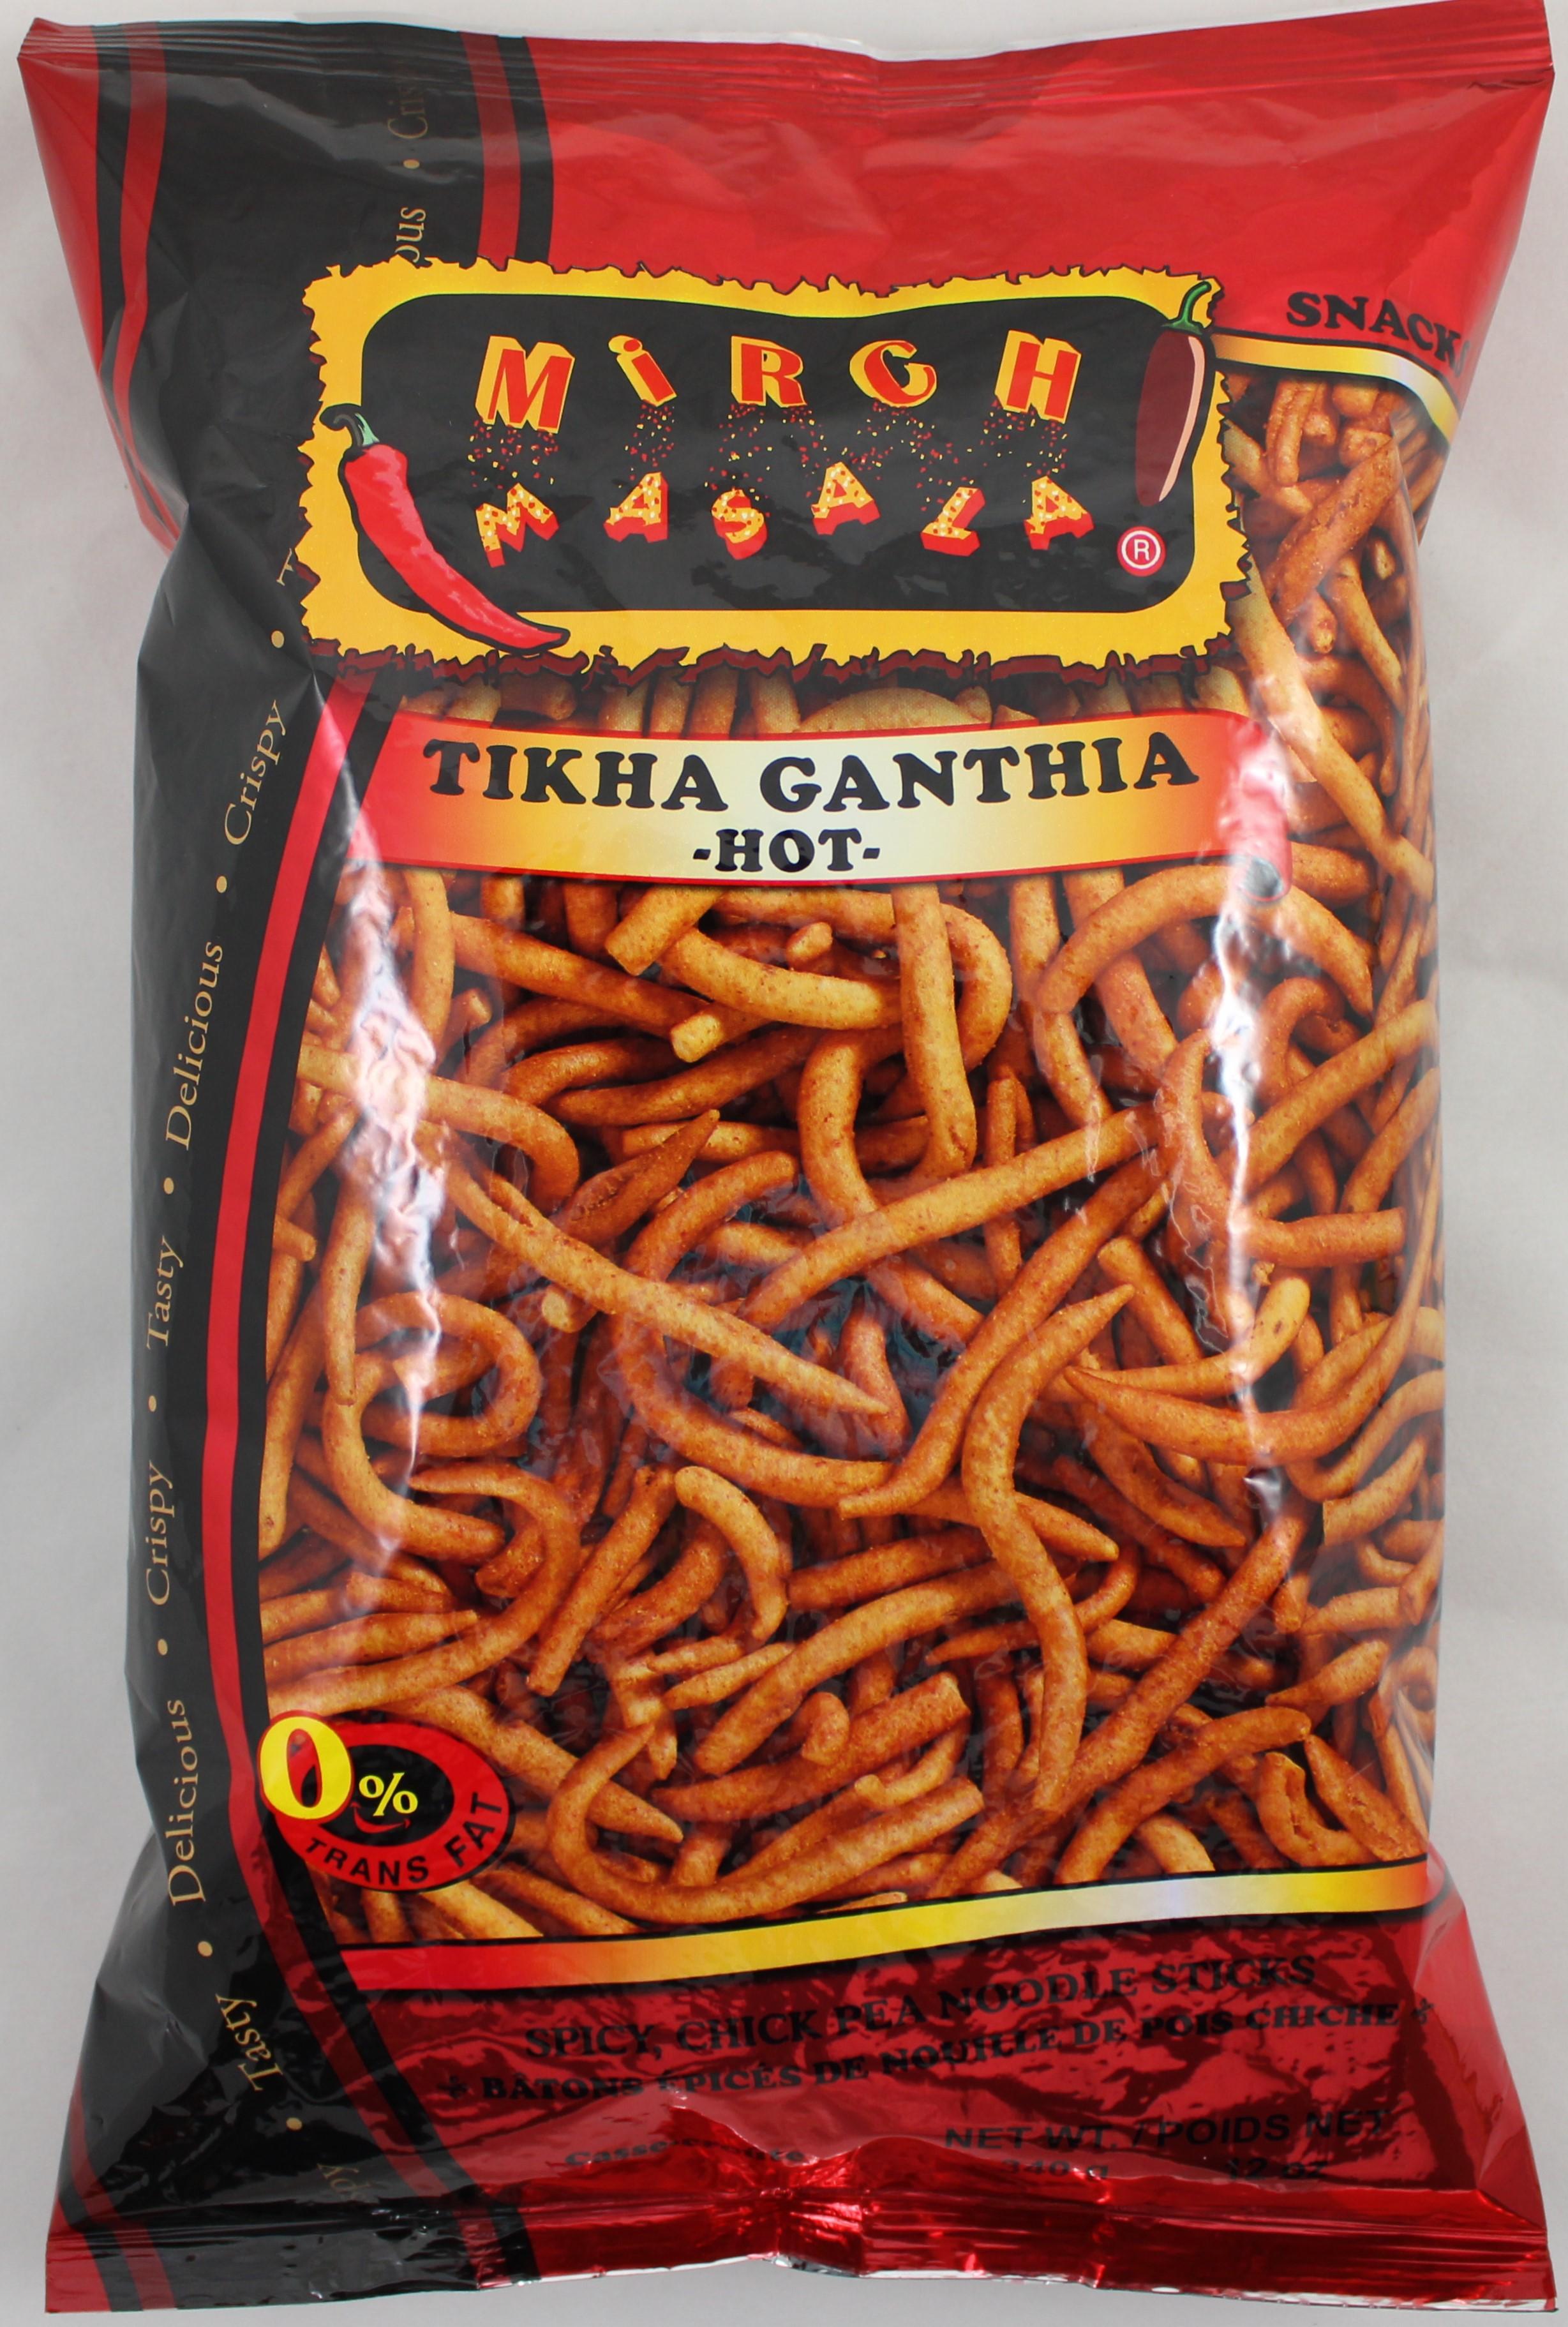 Tikha Ganthia Hot 12 oz